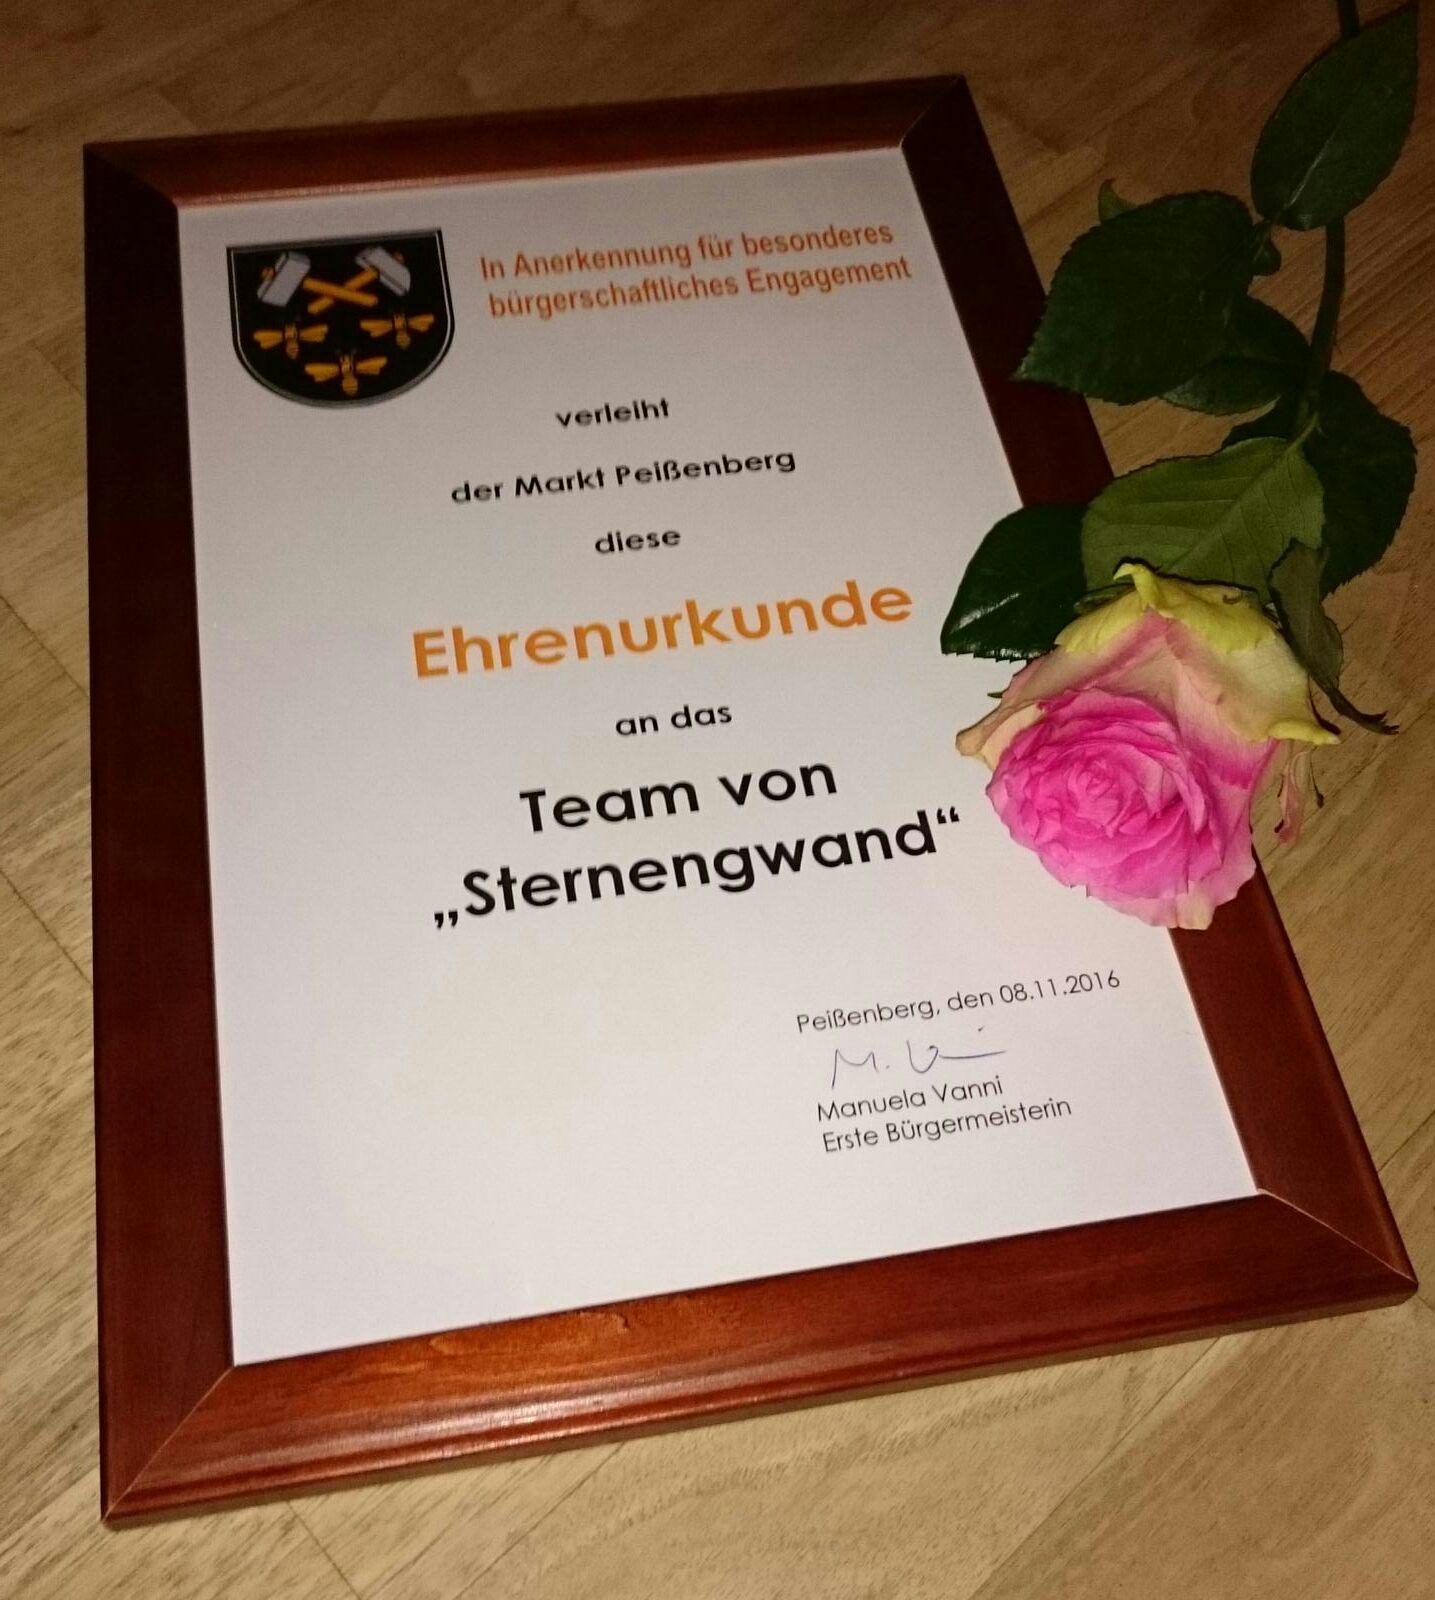 Großzügig Ehrenzertifikat Vorlage Bilder - Entry Level Resume ...